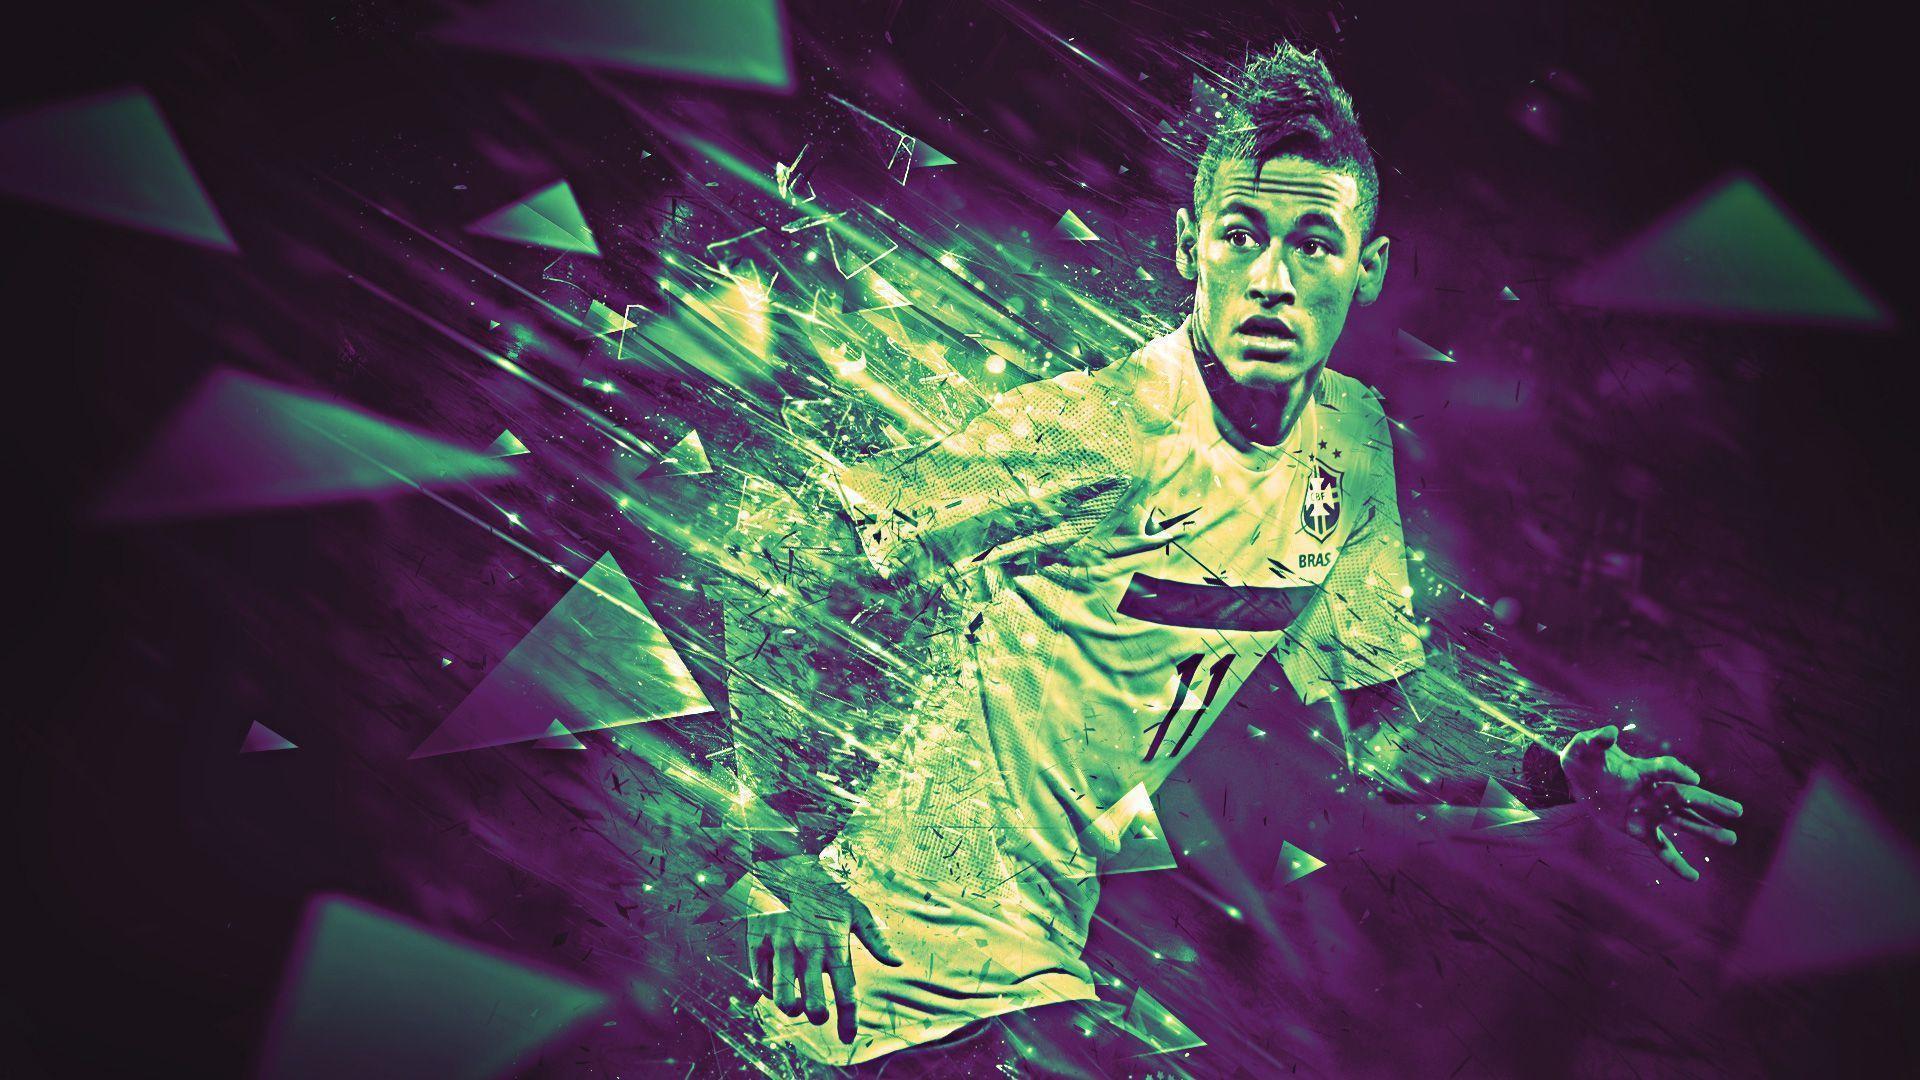 Neymar được biết đến là một cầu thủ nổi tiếng của đội tuyển Brazil. Anh có lối chơi khá phóng khoáng và đặc trưng, với phong cách đậm chất Brazil, ...